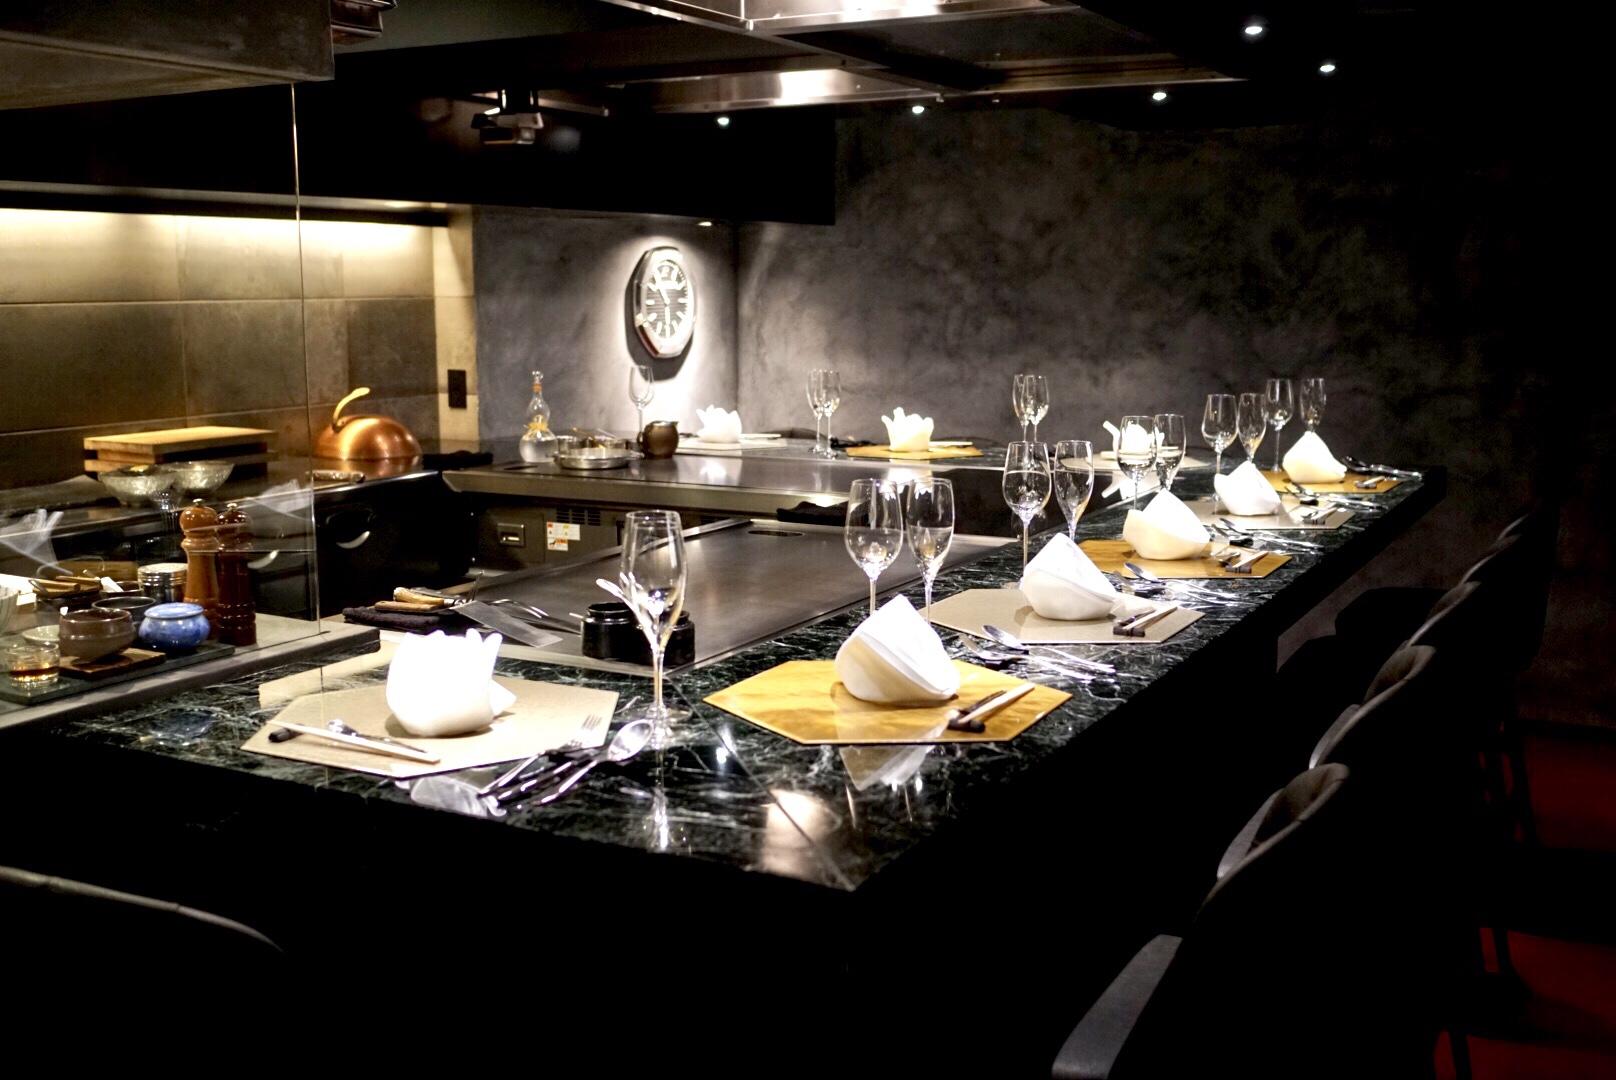 全世界に会員は30名のみ 究極のレストラン hibachi でオフ会